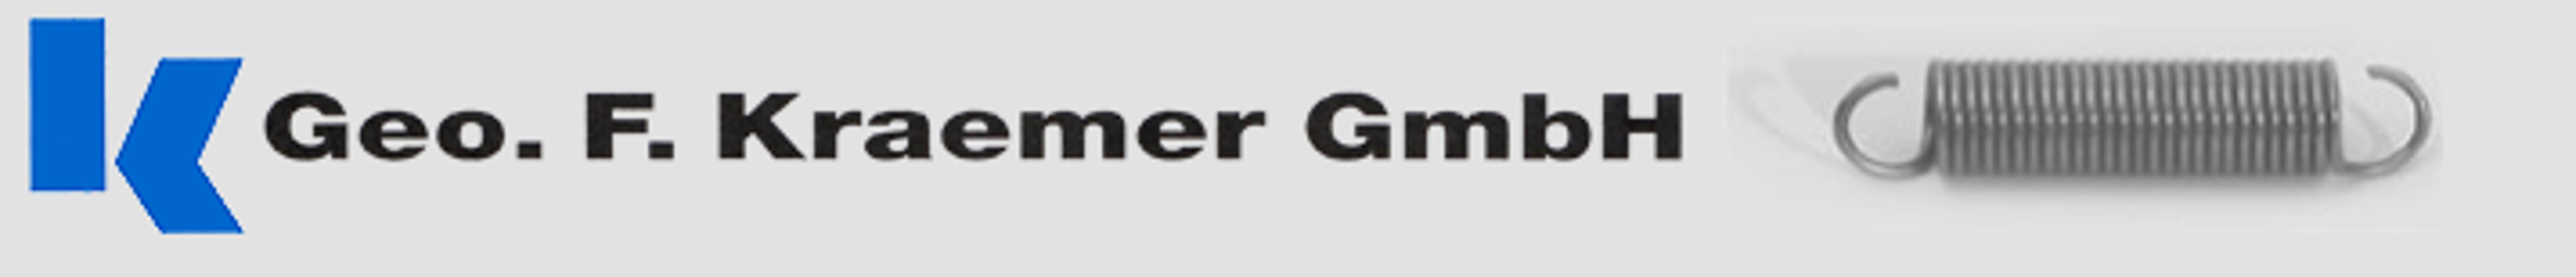 Geo F Kraemer Gmbh Augsburg Pfarrer Neumeir Straße 29